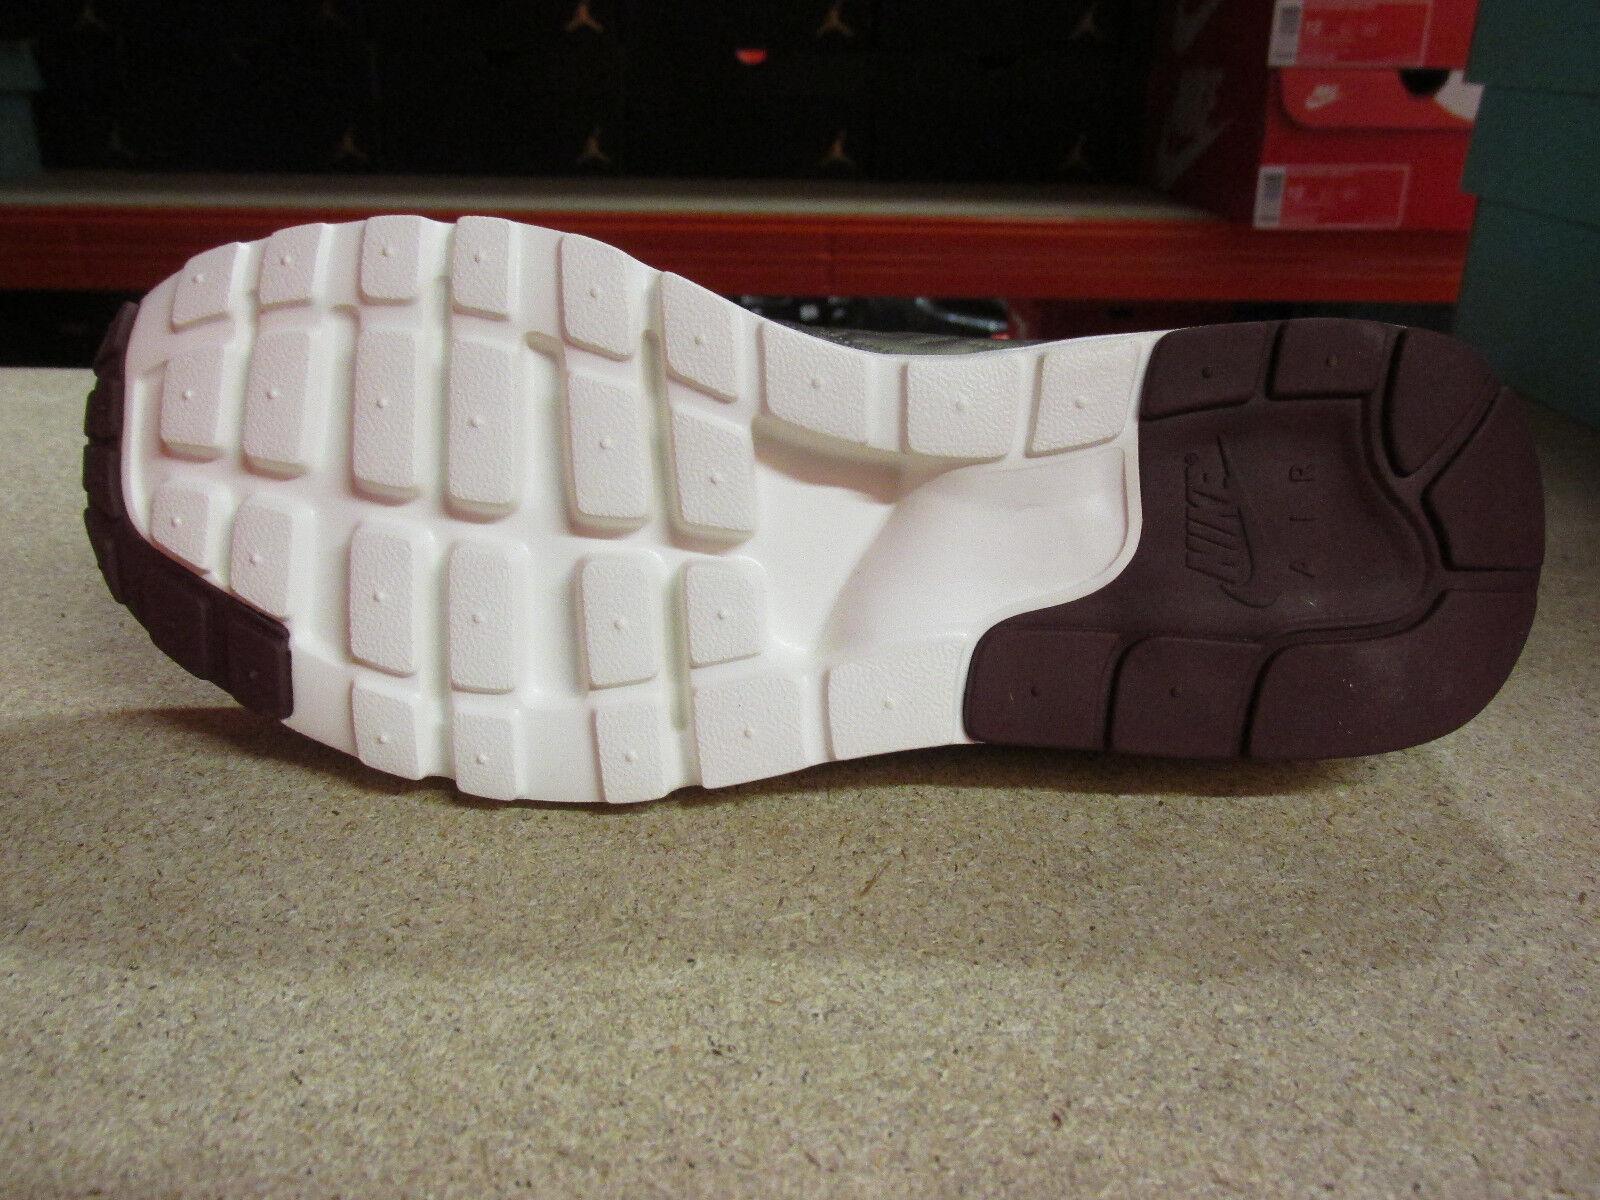 nike air max 1 frauen ultra - problem jcrd frauen 1 laufen trainer 861656 900 sneakers, schuhe 98f89f